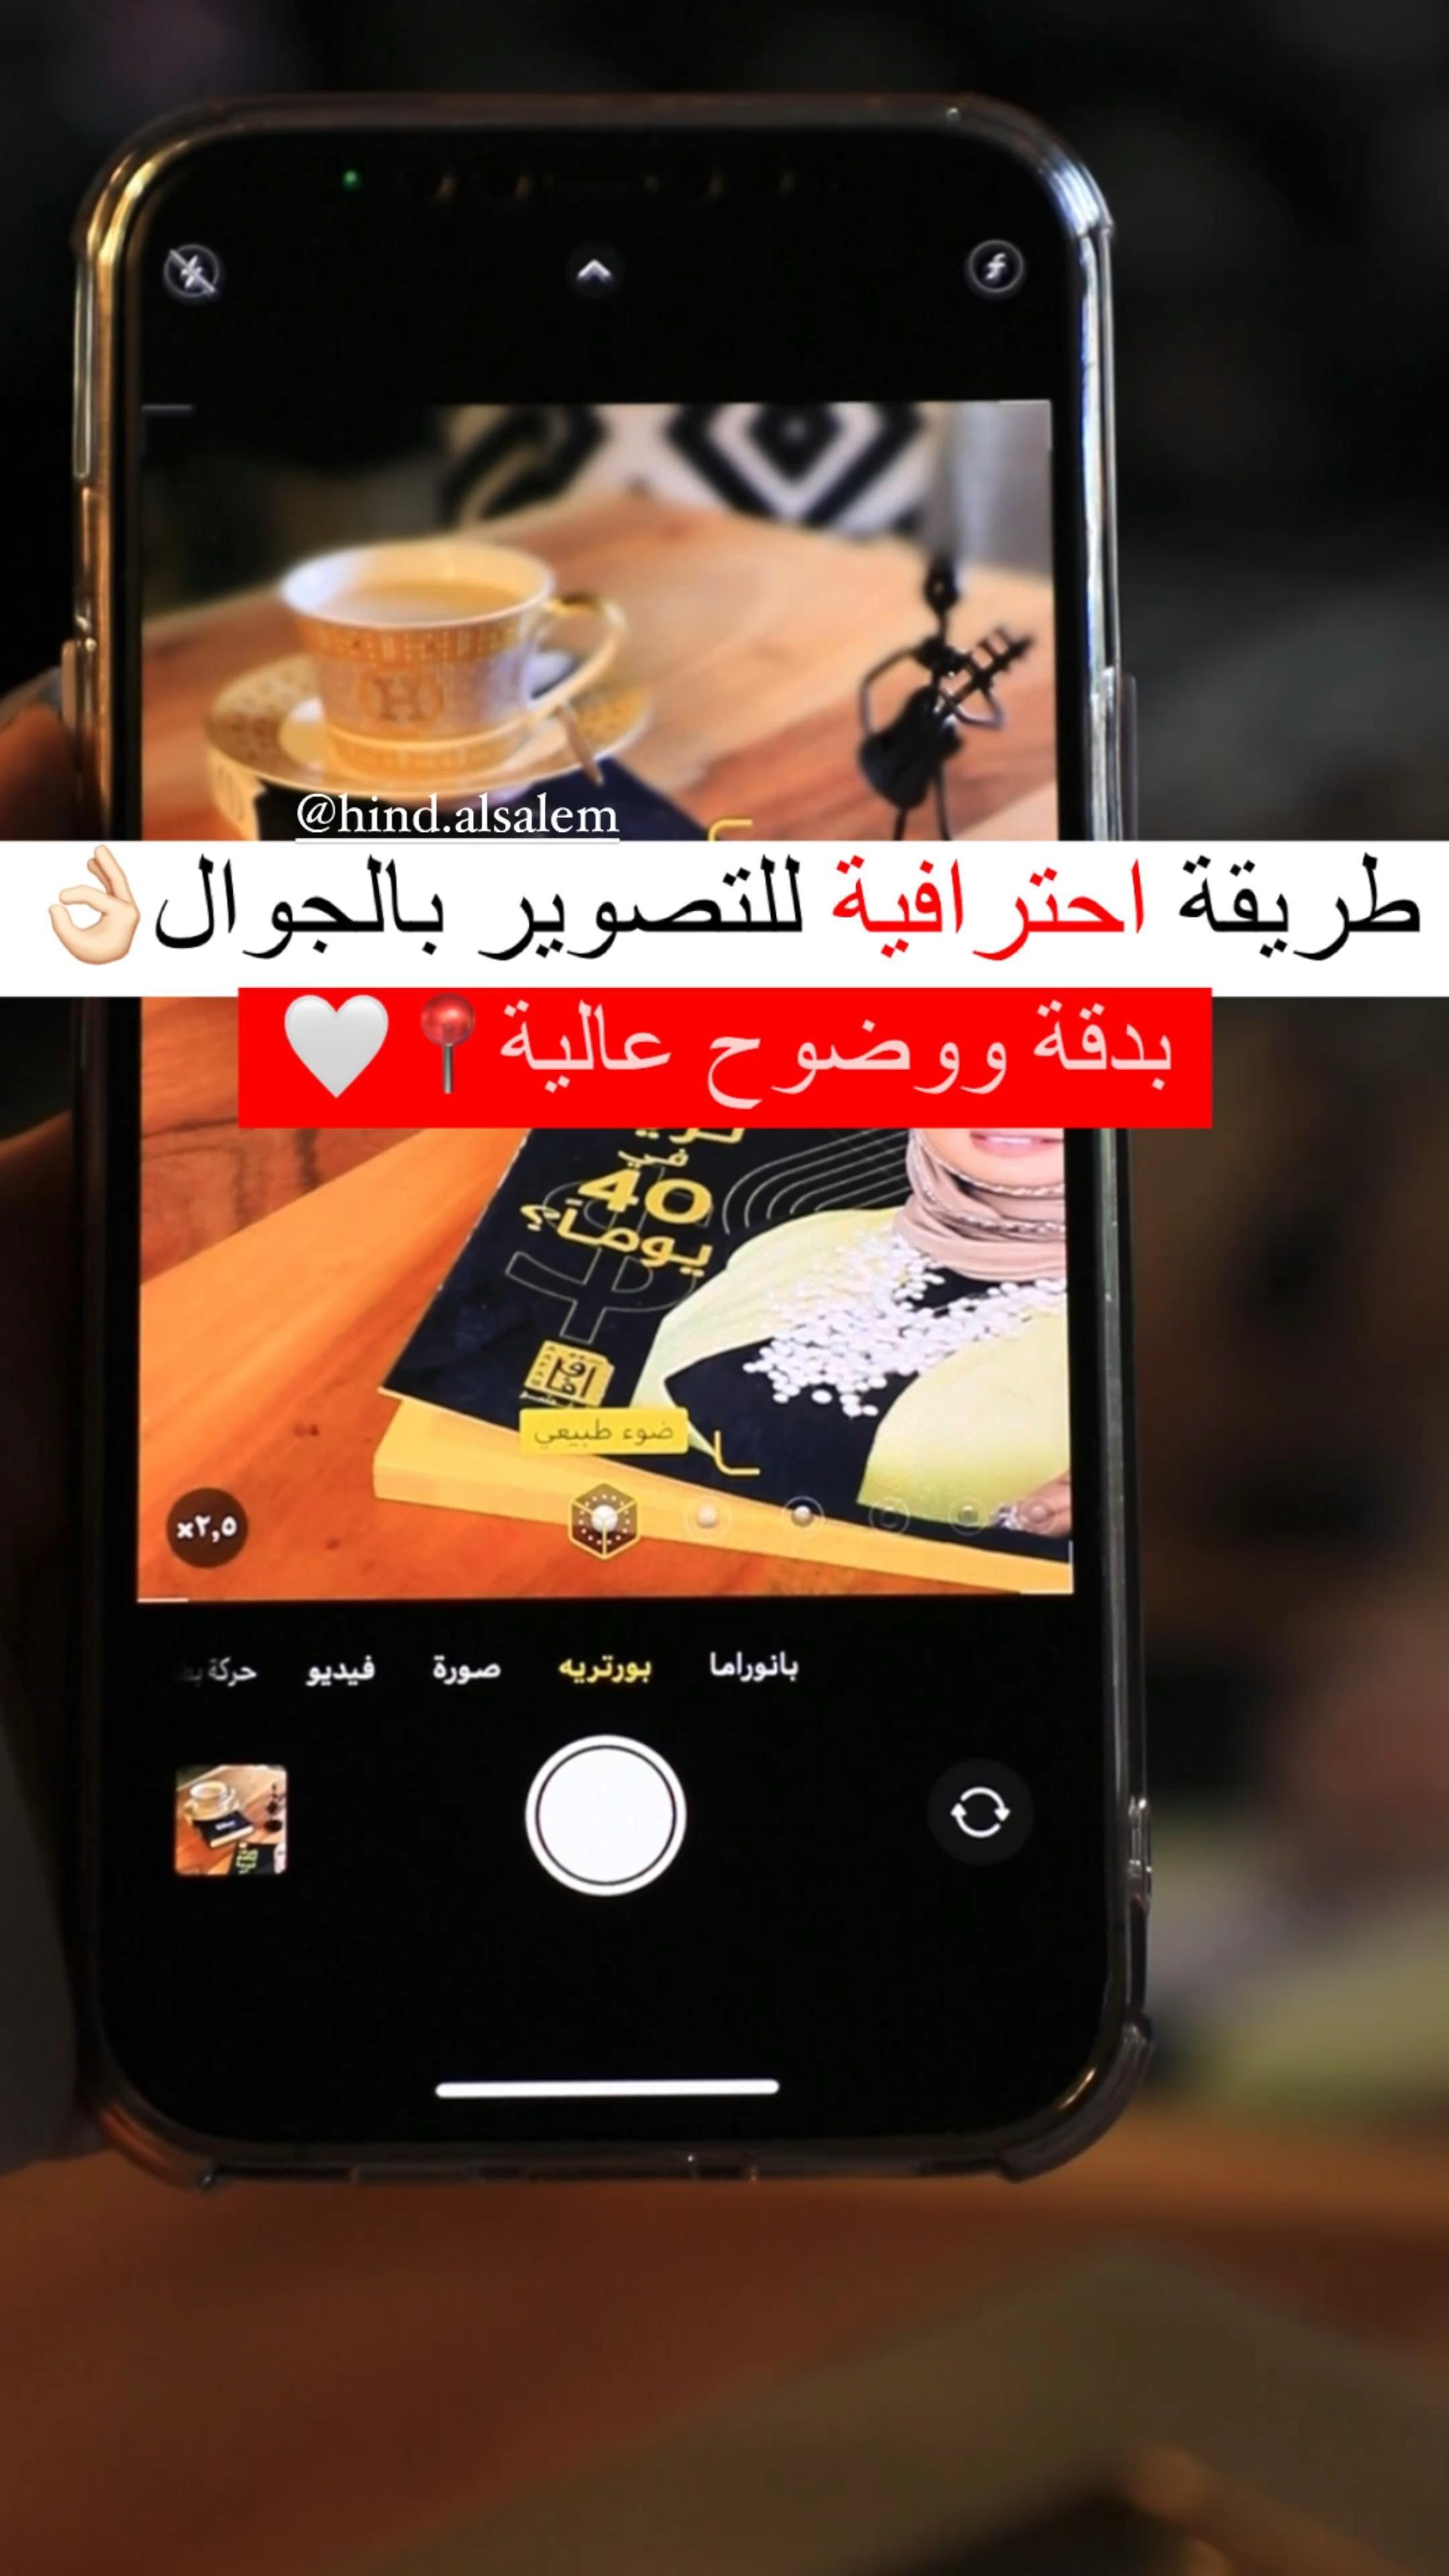 التصوير بدقة عاليه Video In 2021 Iphone Photography Photography Editing Creative Photography